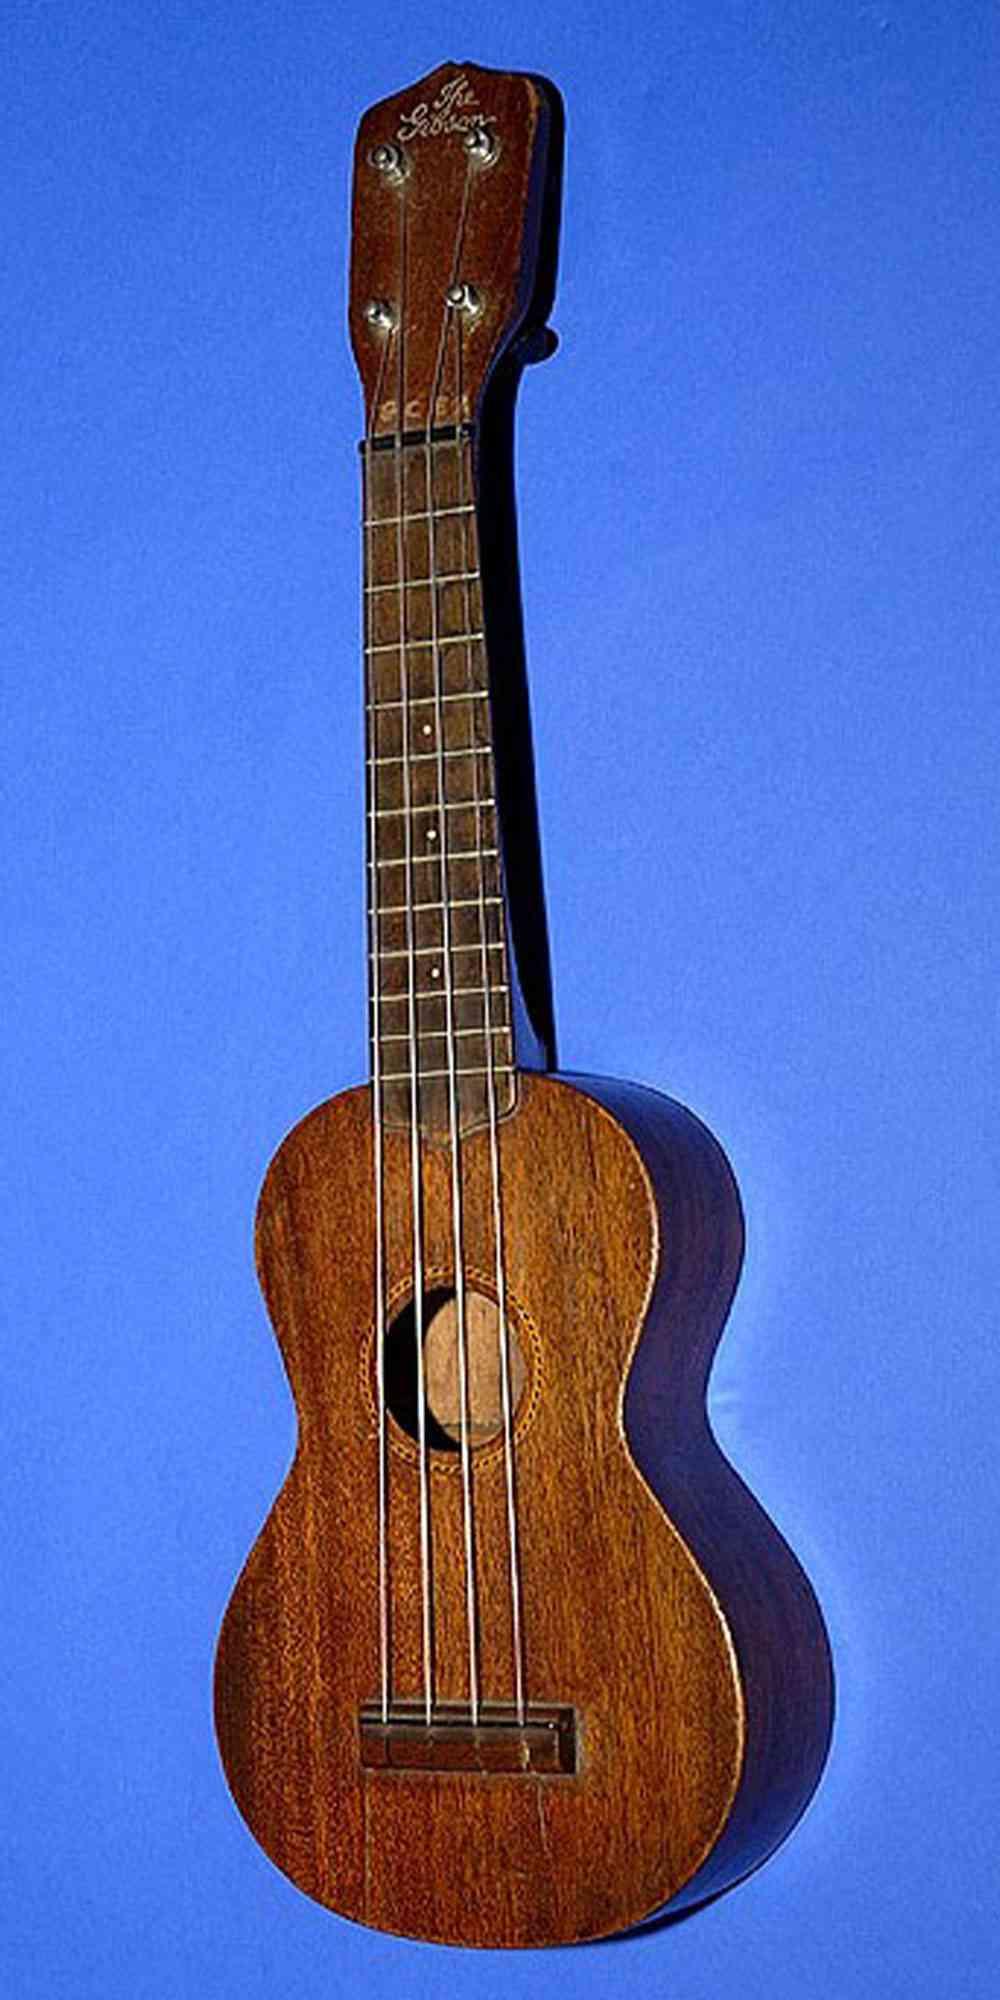 Gibson Style 1 Ukulele. Click to enlarge